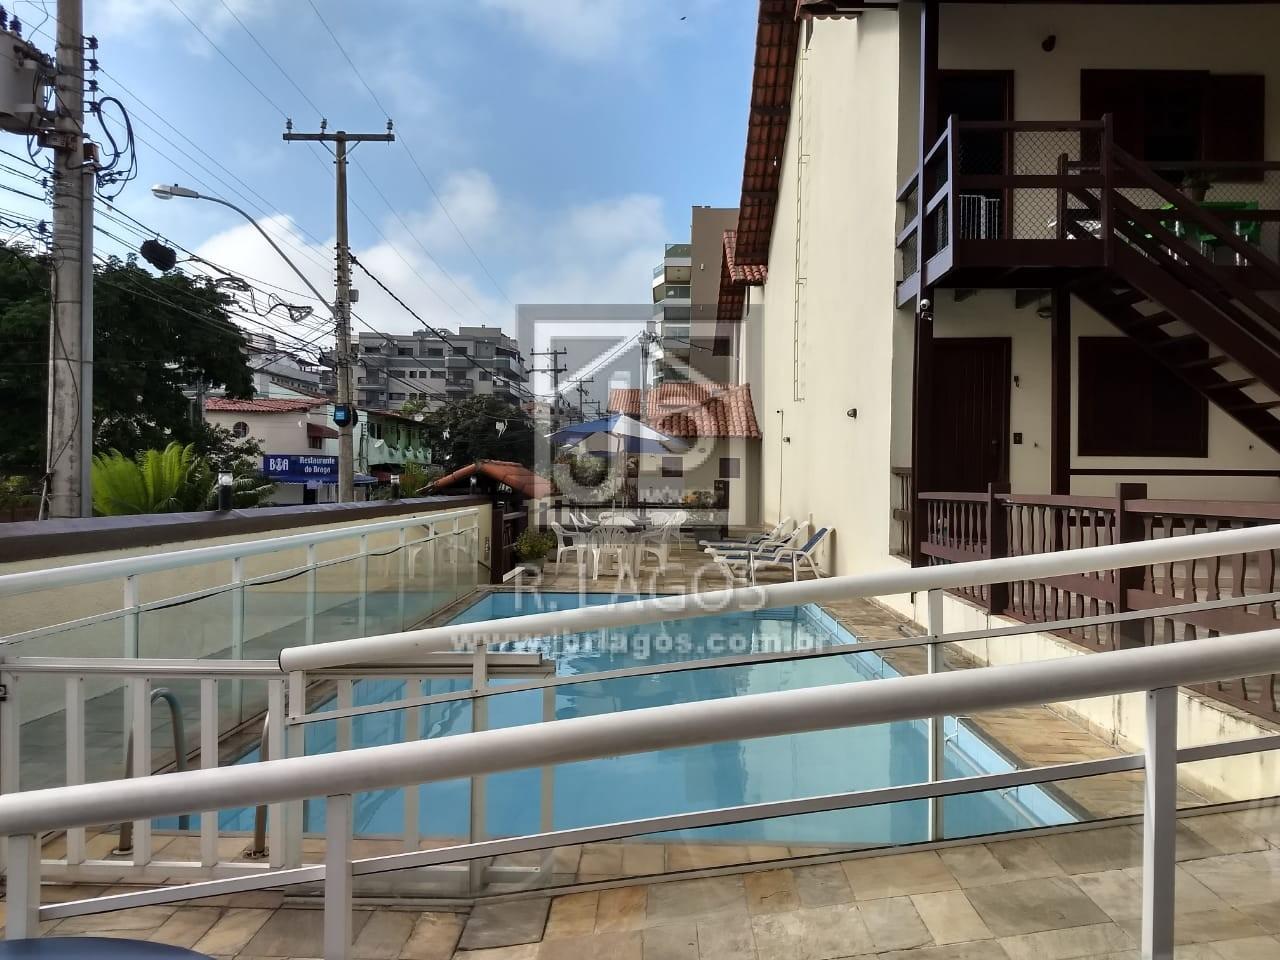 Casa na segurança de um condomínio com total infraestrutura, a pé para a praia